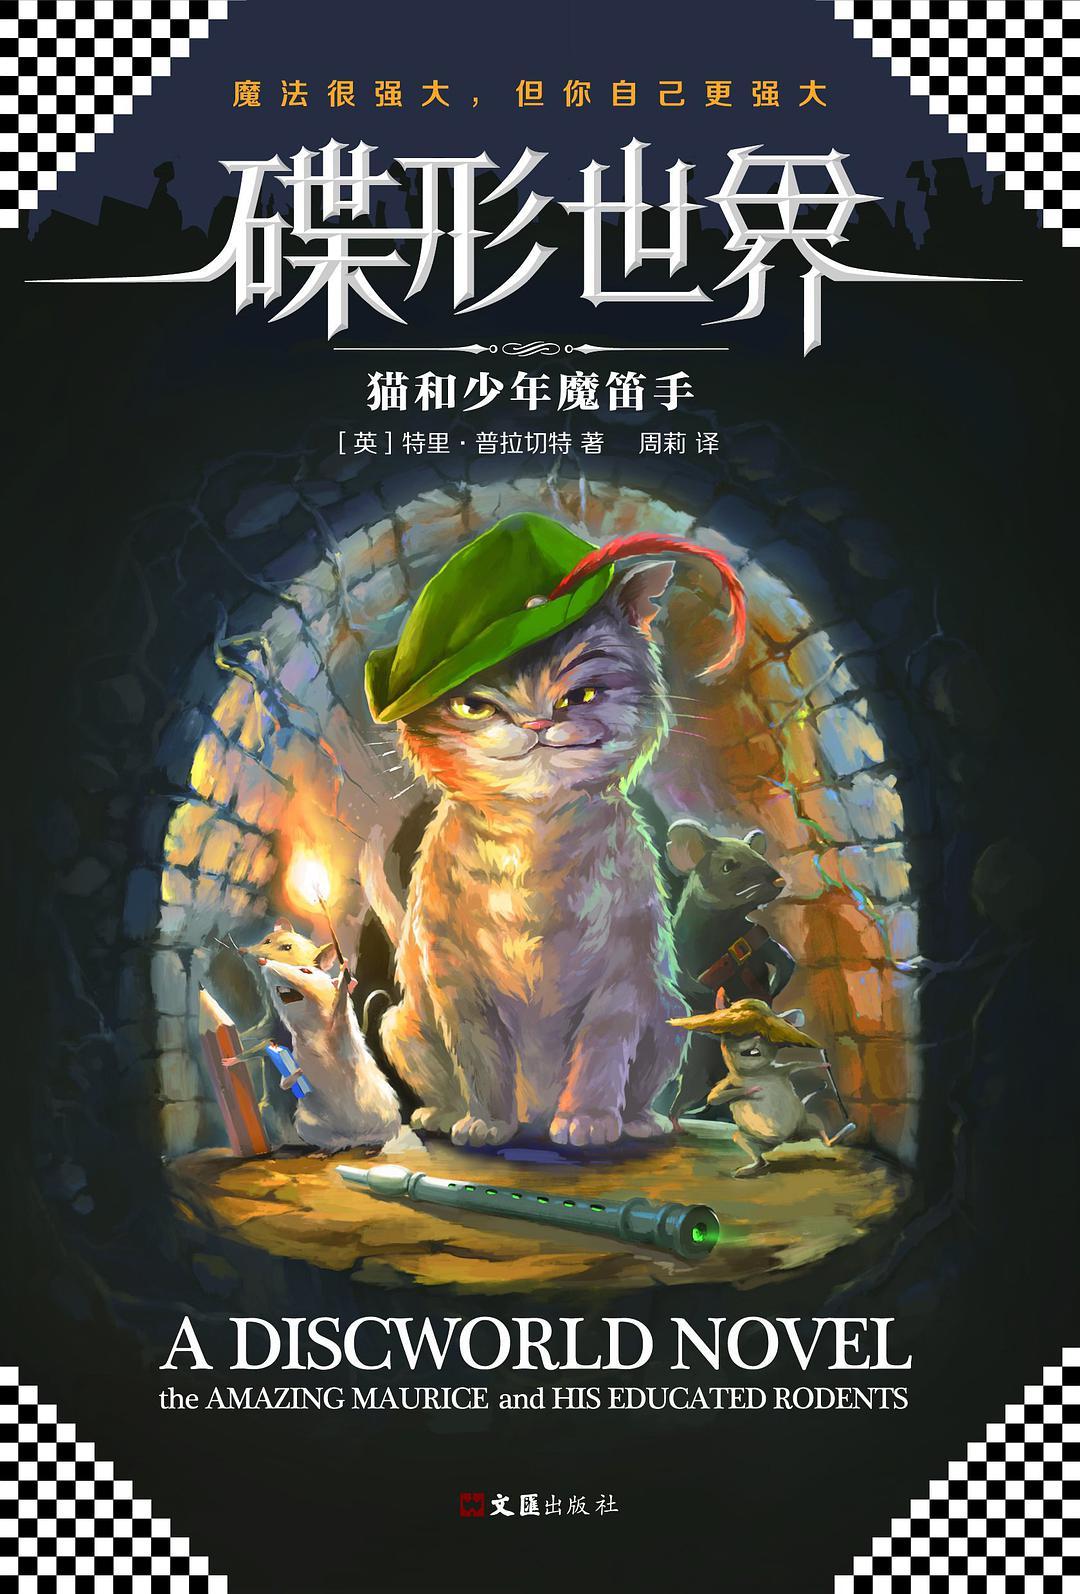 猫和少年魔笛手 (平装, 2017, 文汇出版社)